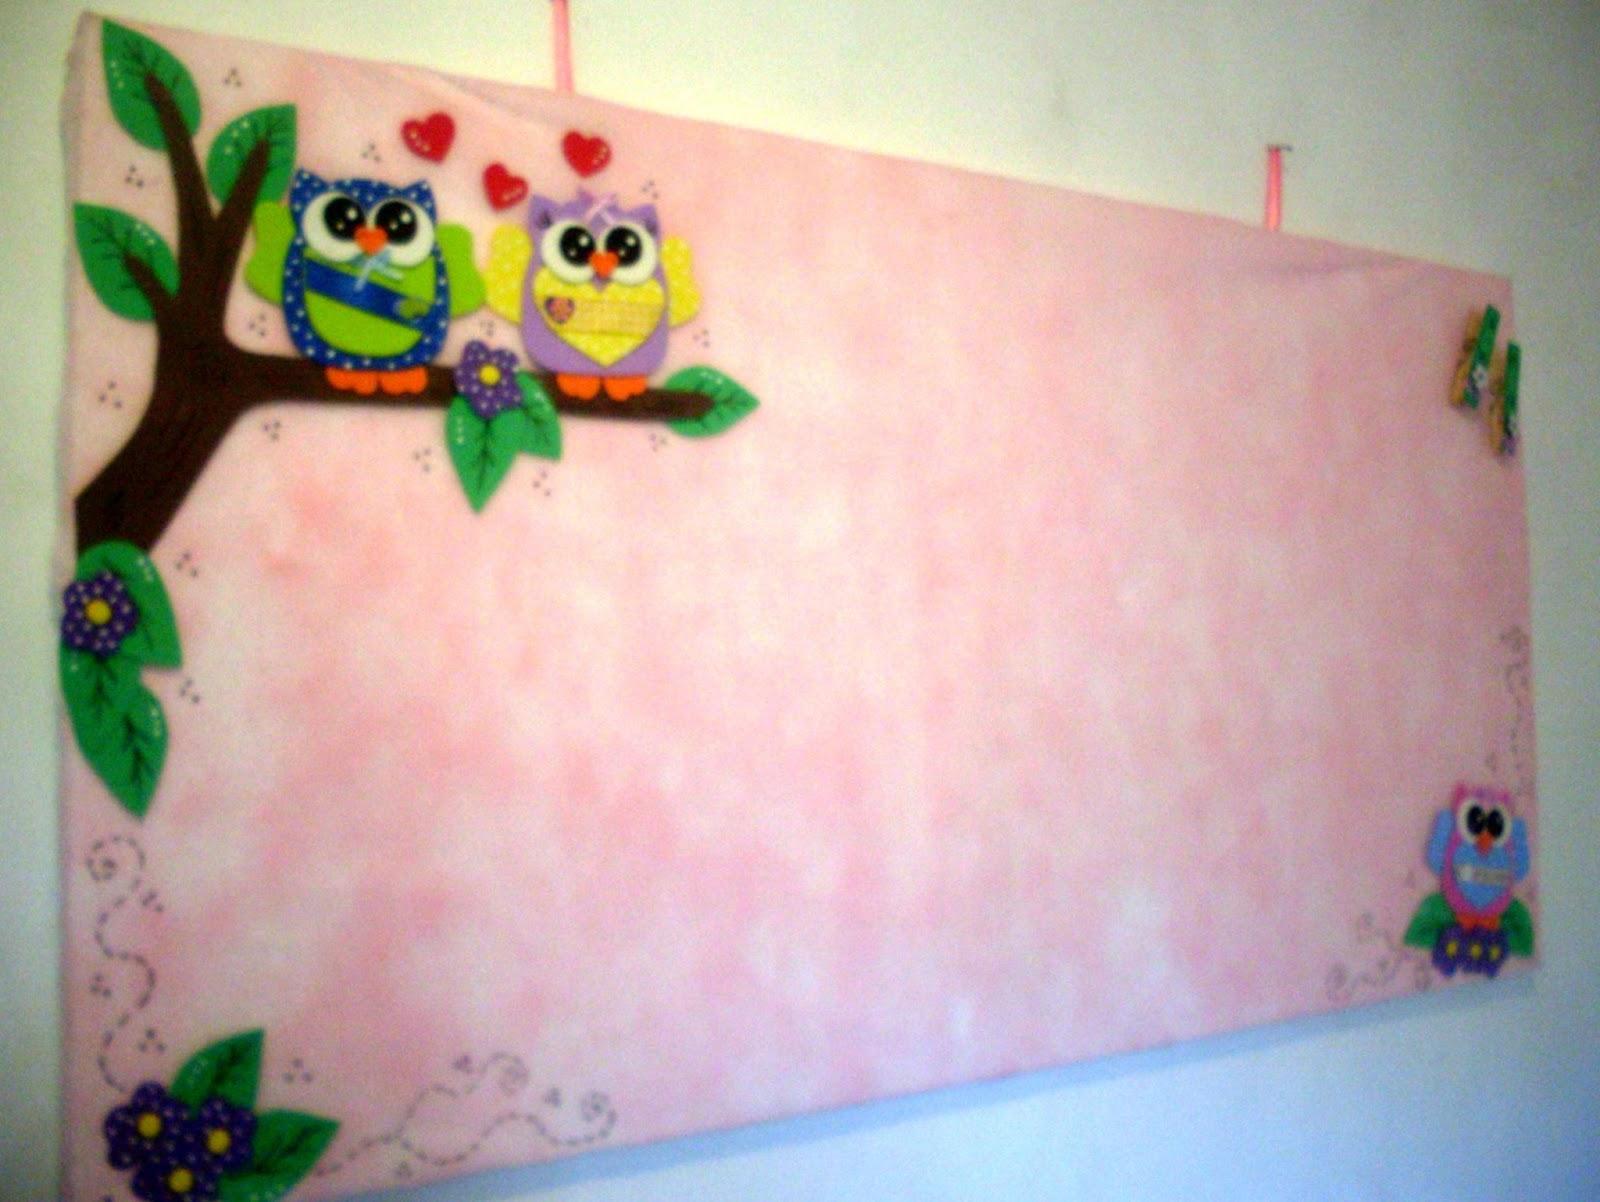 Mural de fotos e recadinhos corujinhas for Mural de isopor e eva